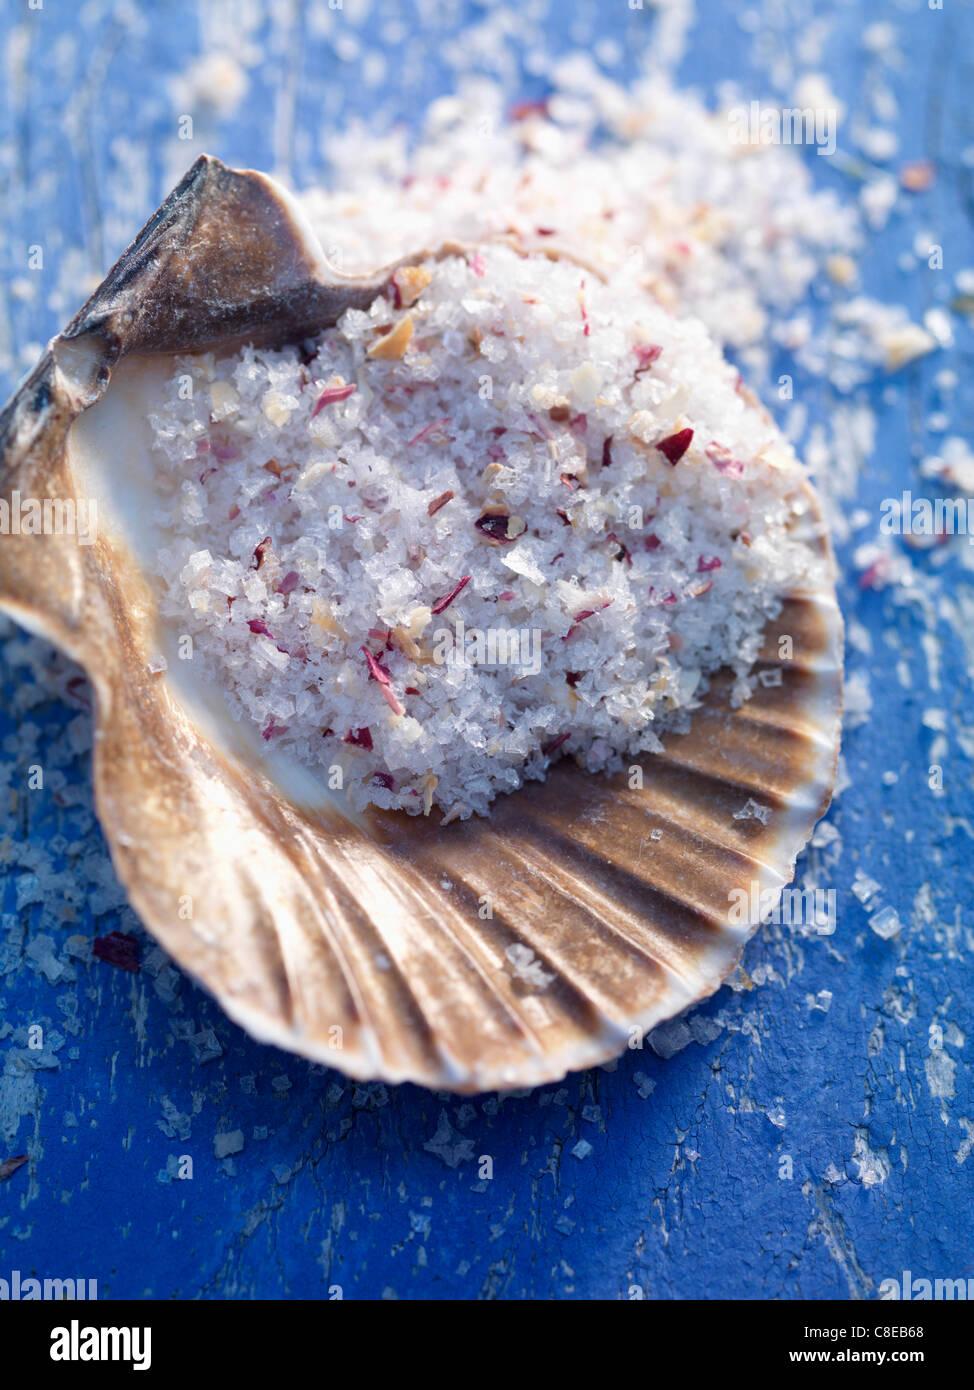 La fleur de sel Le sel de mer dans une coquille Saint-Jacques Photo Stock